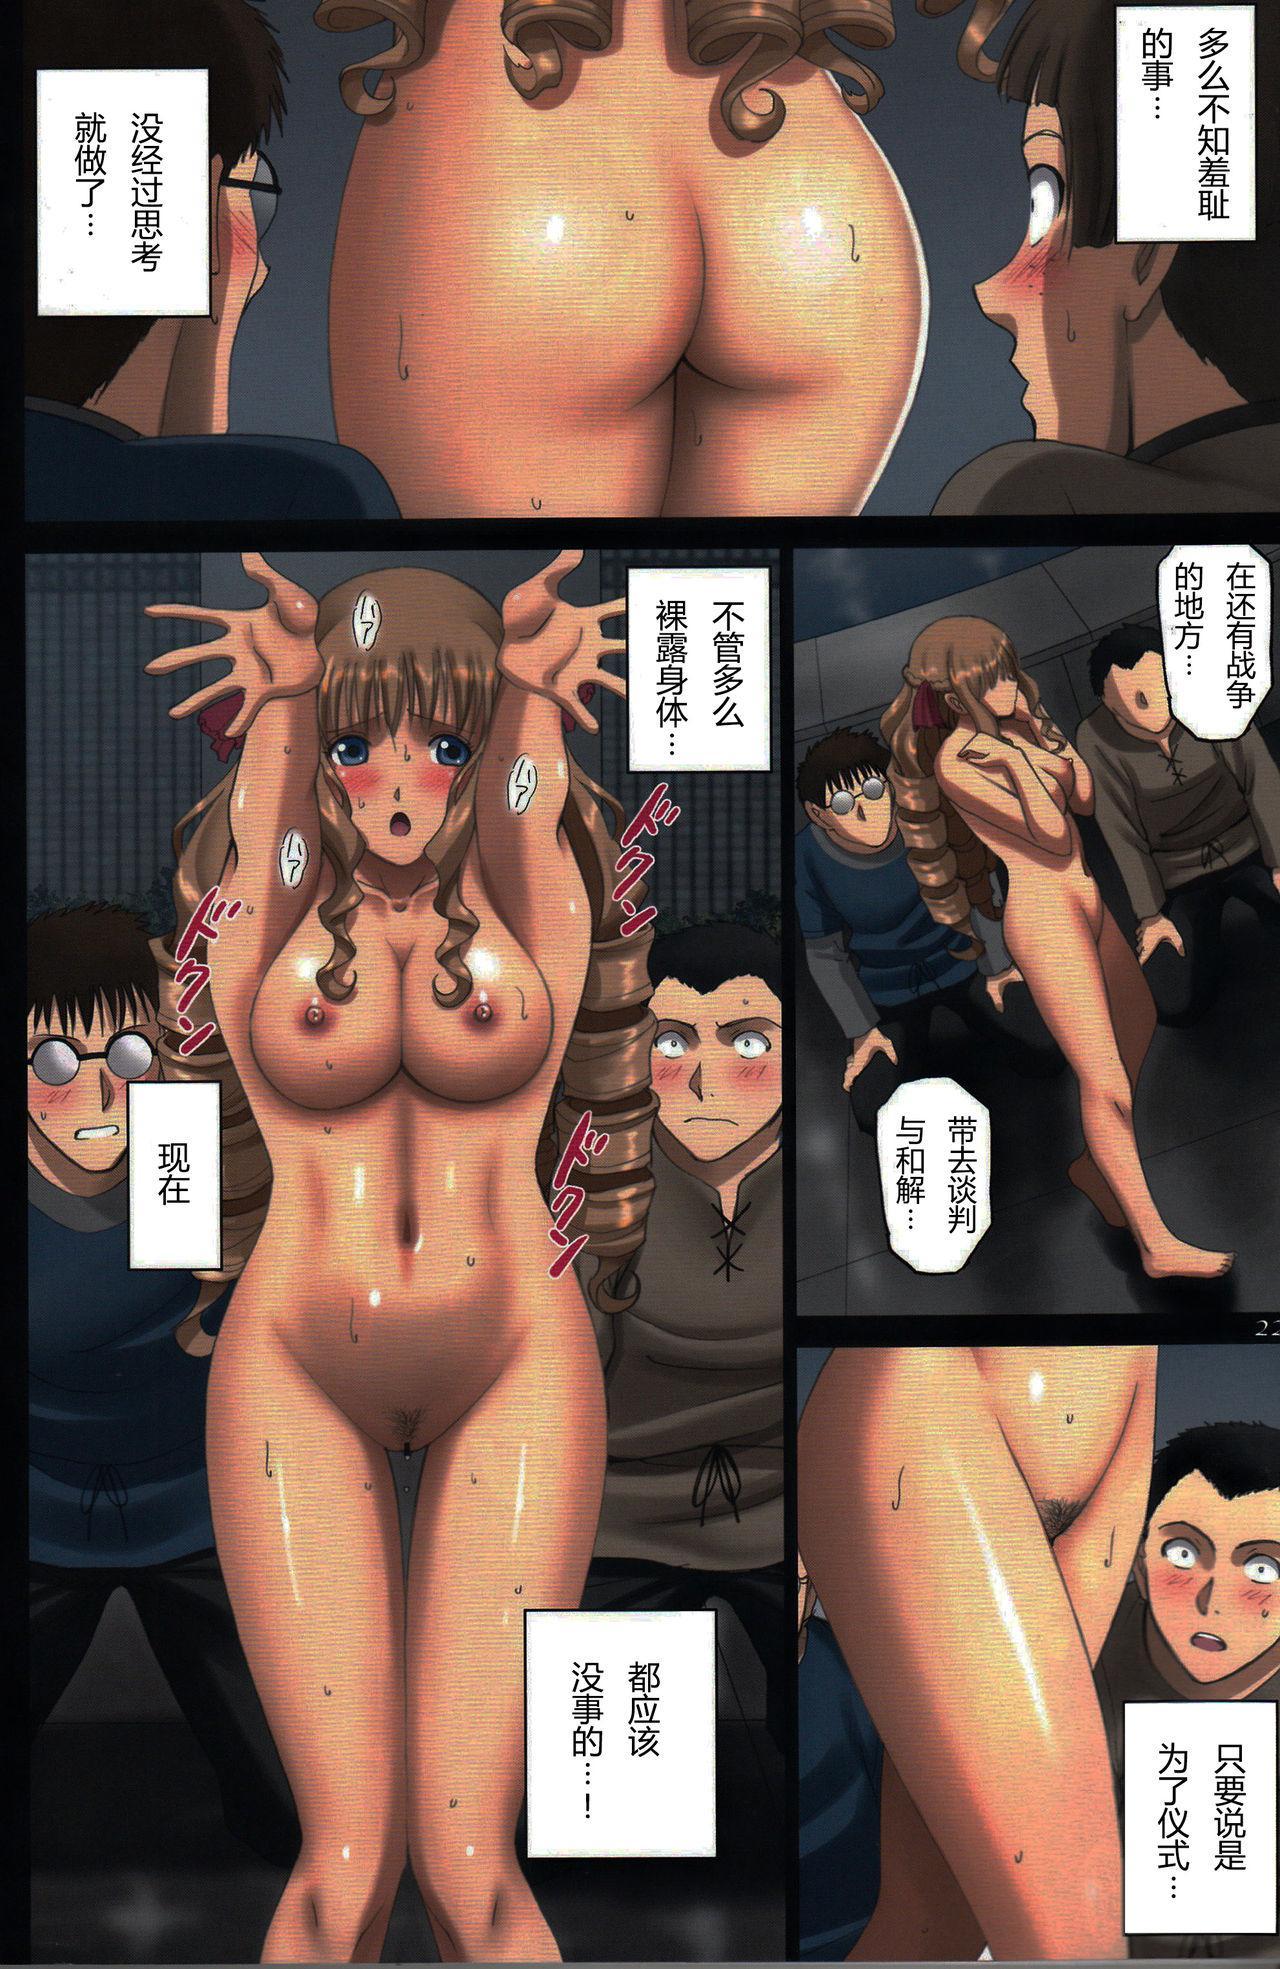 """(C94) [ACTIVA (SMAC)] Roshutsu Otome Fantasy """" Oujo wa inbina mi rare makuri ~Yunaria Fon Vitoria ~ FINAL"""" [Chinese] [靴下汉化组] 22"""